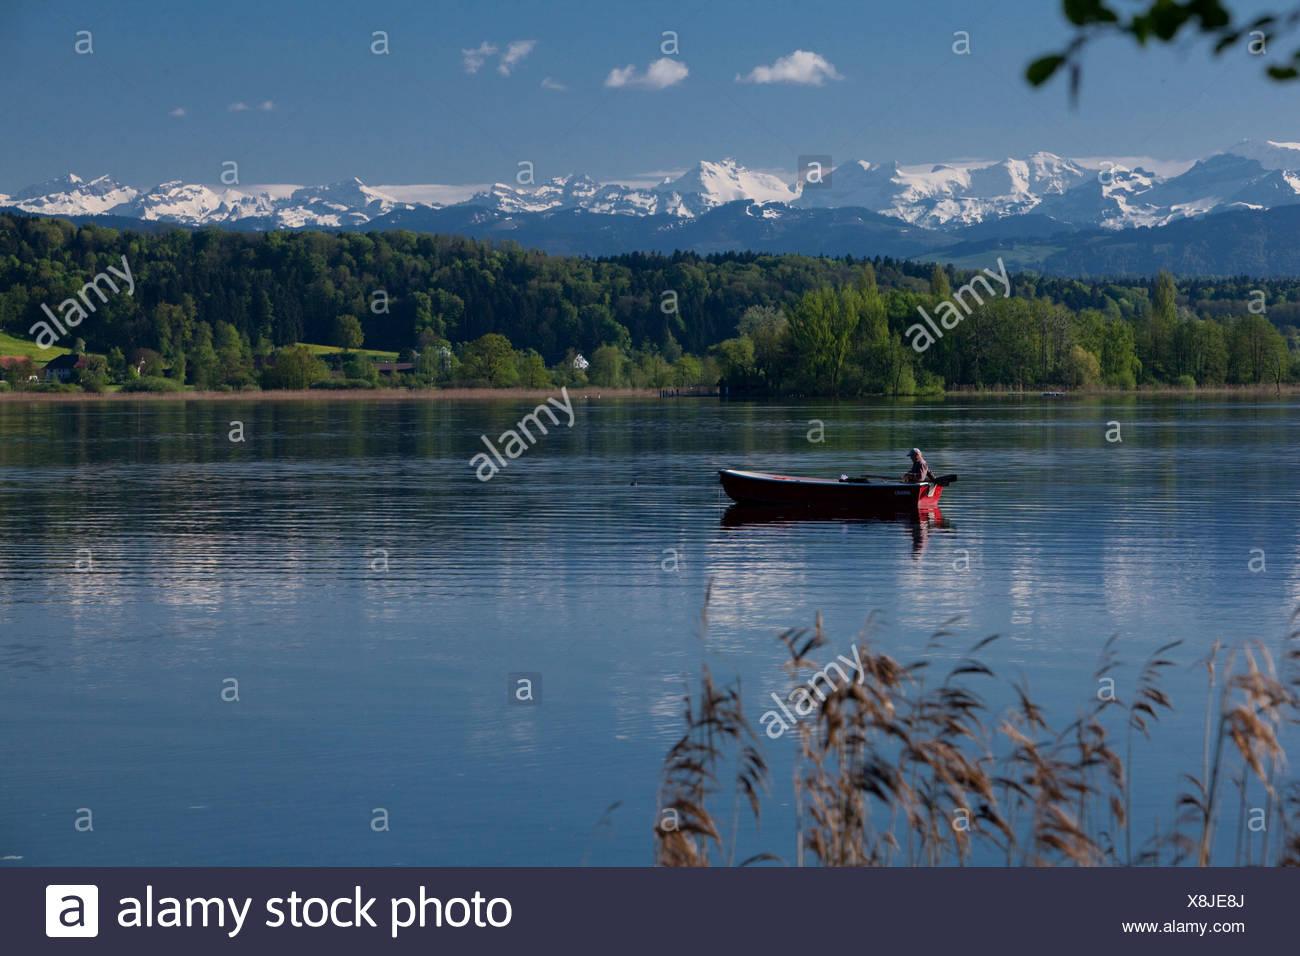 La Suisse, l'Europe, le lac, navire, bateau, bateaux, bateaux, Alpes, canton, ZH, Zurich, printemps, Greifensee, Lake Greifen, voile Photo Stock